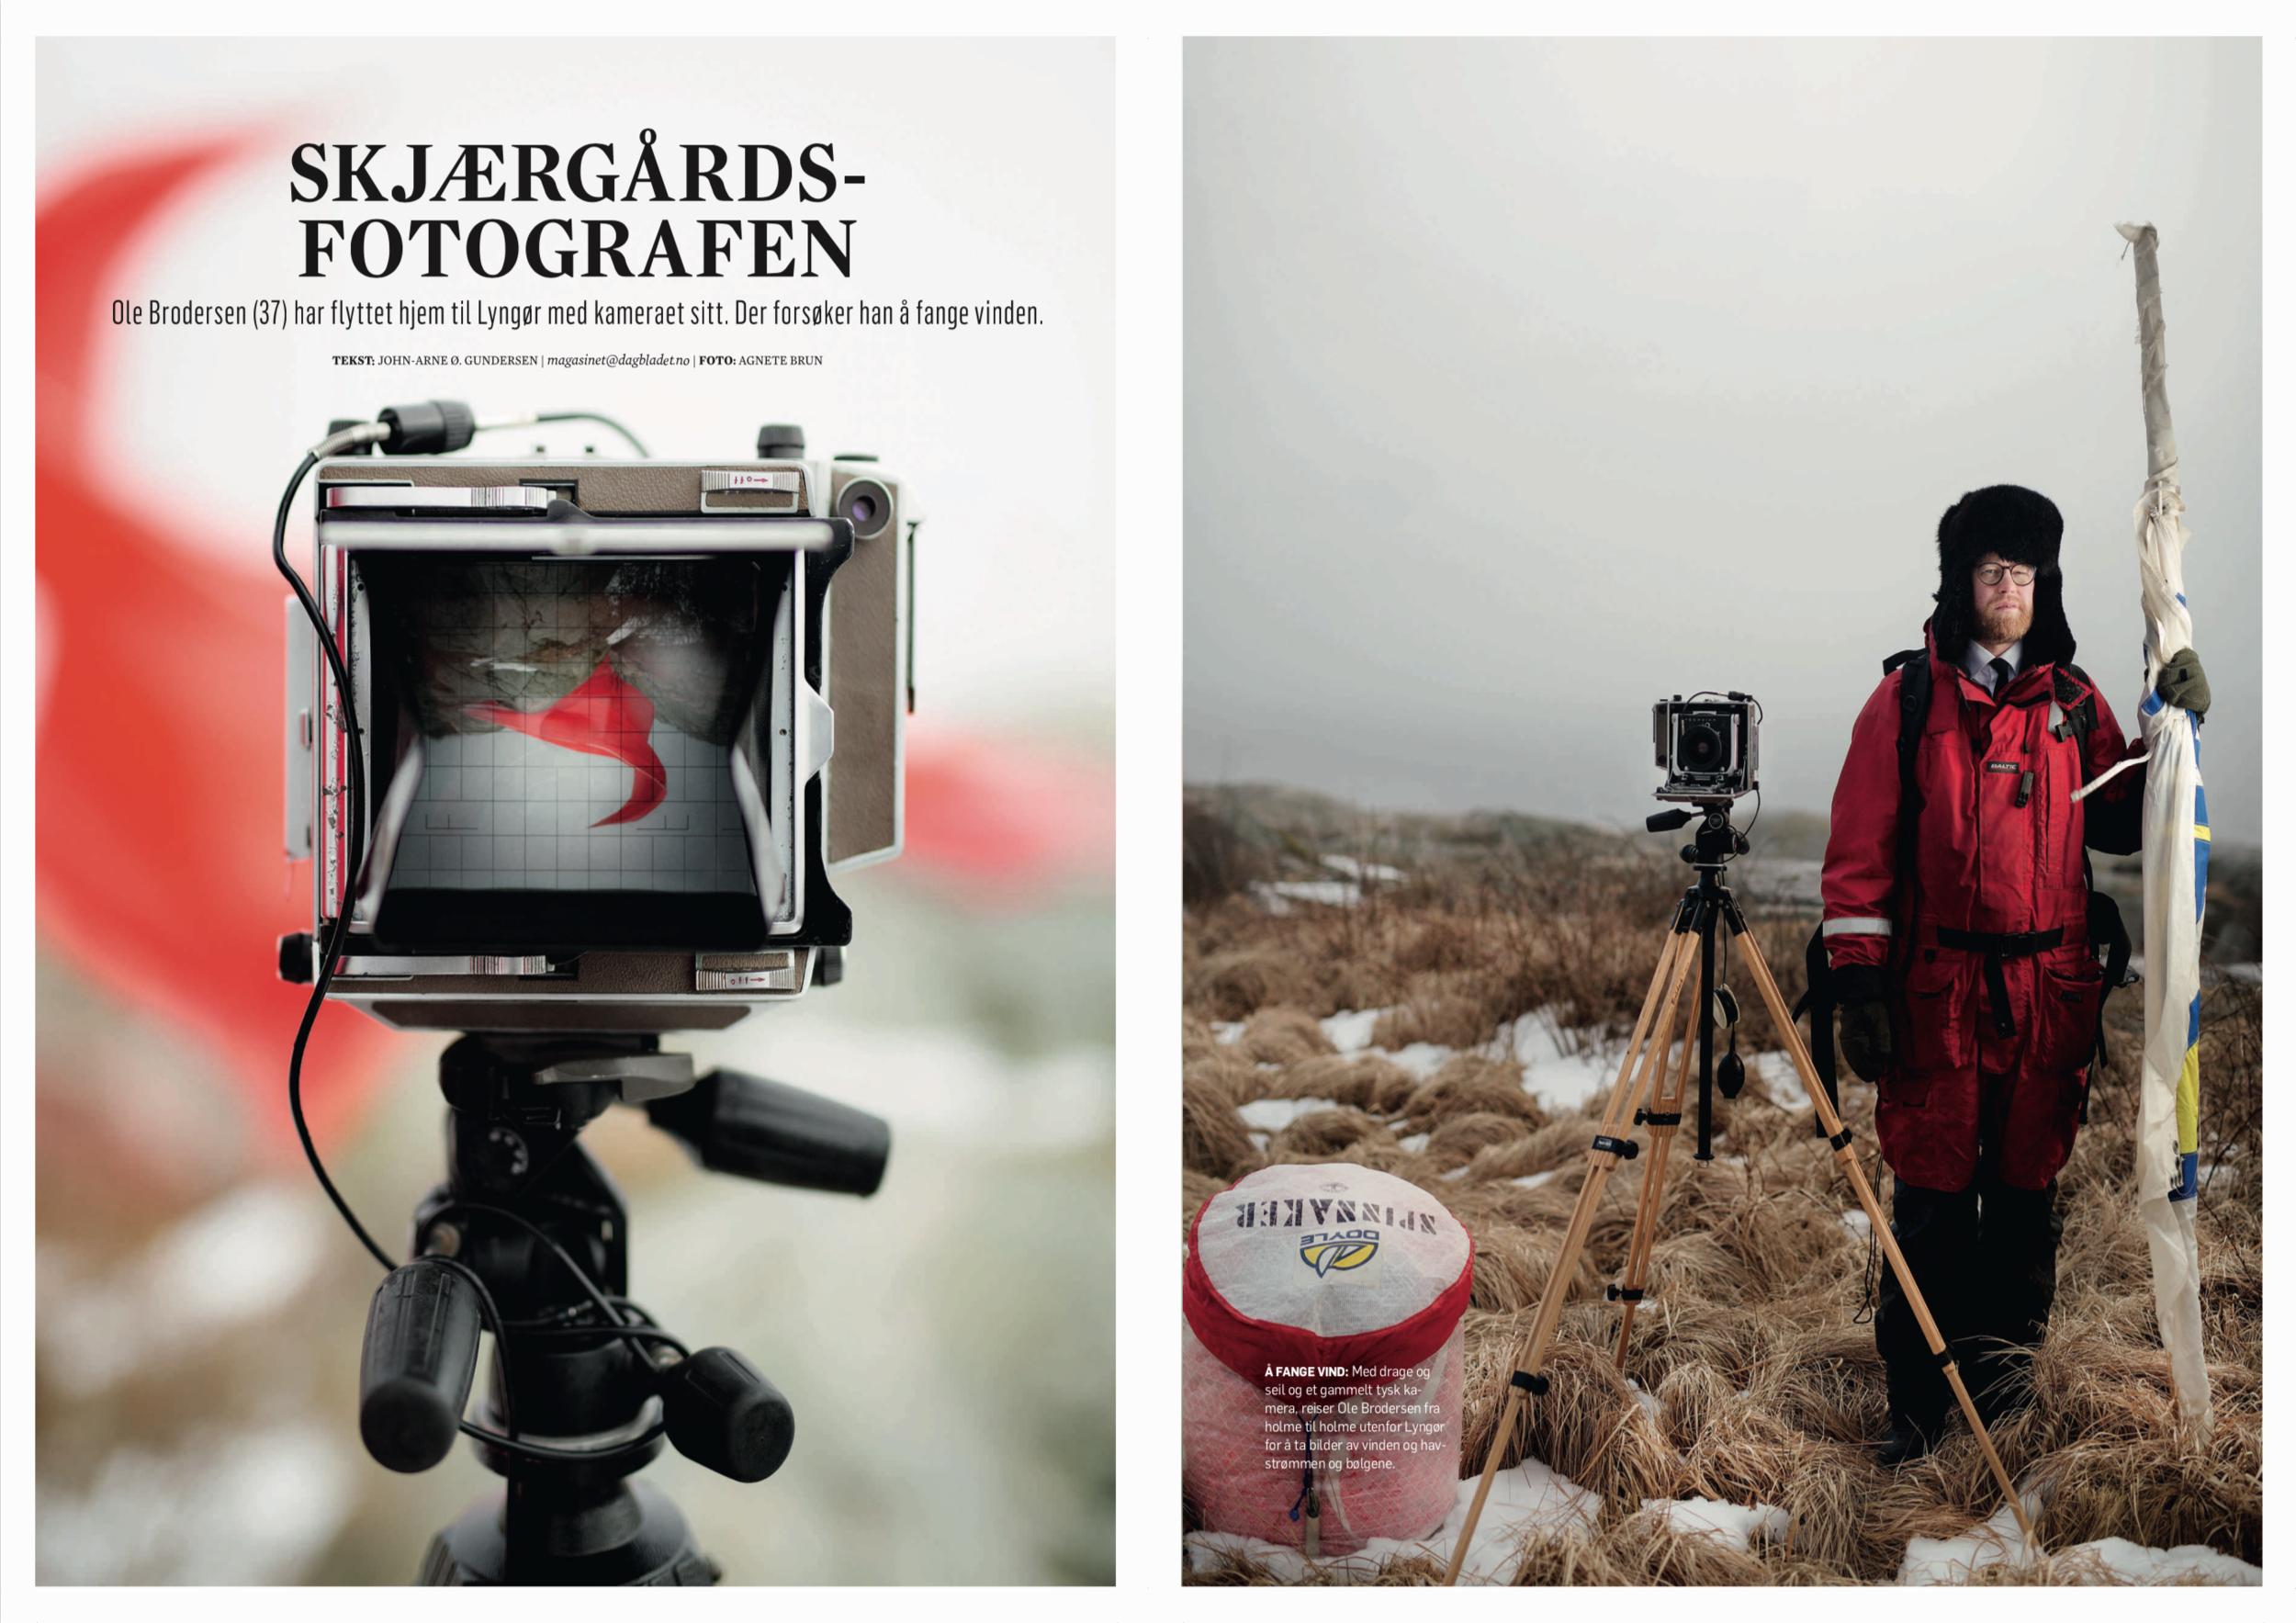 «Det er en klype-seg-i-armen-stemning å kunne jobbe her»   Ole Brodersen (37) har flyttet hjem til Lyngør med kameraet sitt. Der forsøker han å fange vinden.  Fra Dagbladet Magasinet.